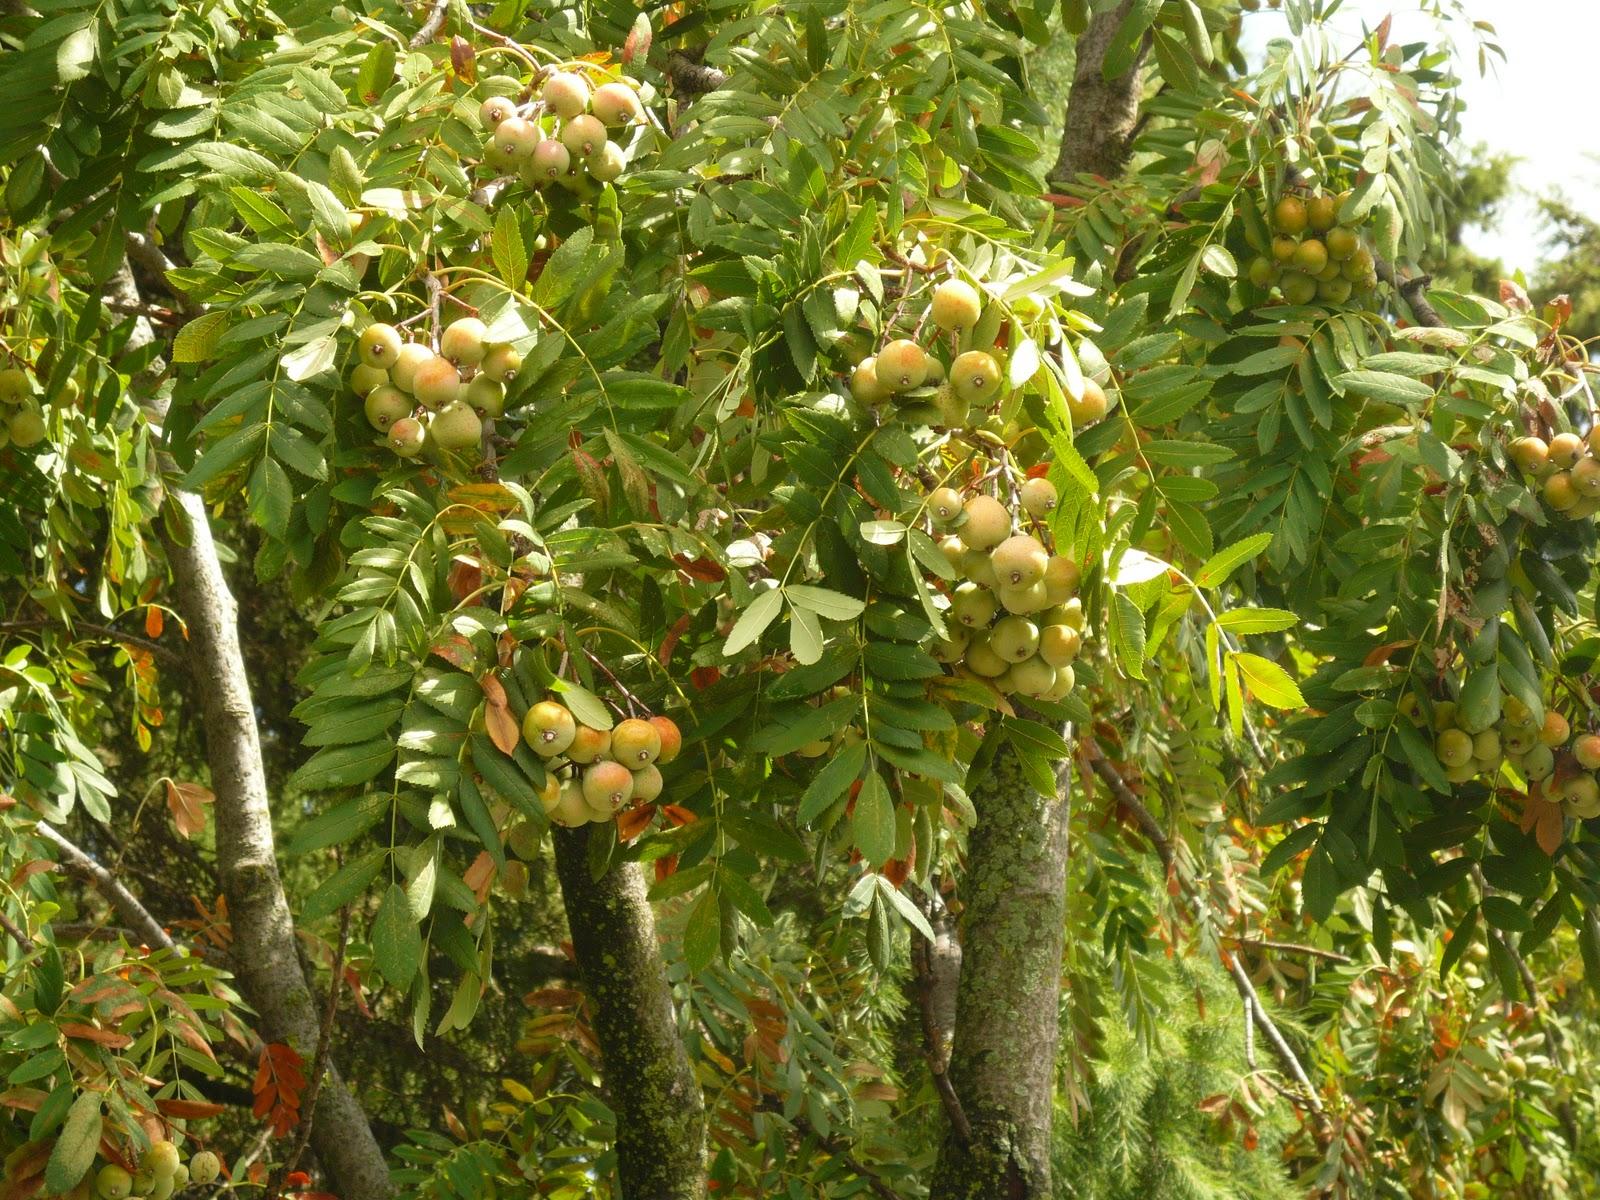 Giardini in gallura il sorbo albero da frutto e da giardino - Alberi frutto giardino ...